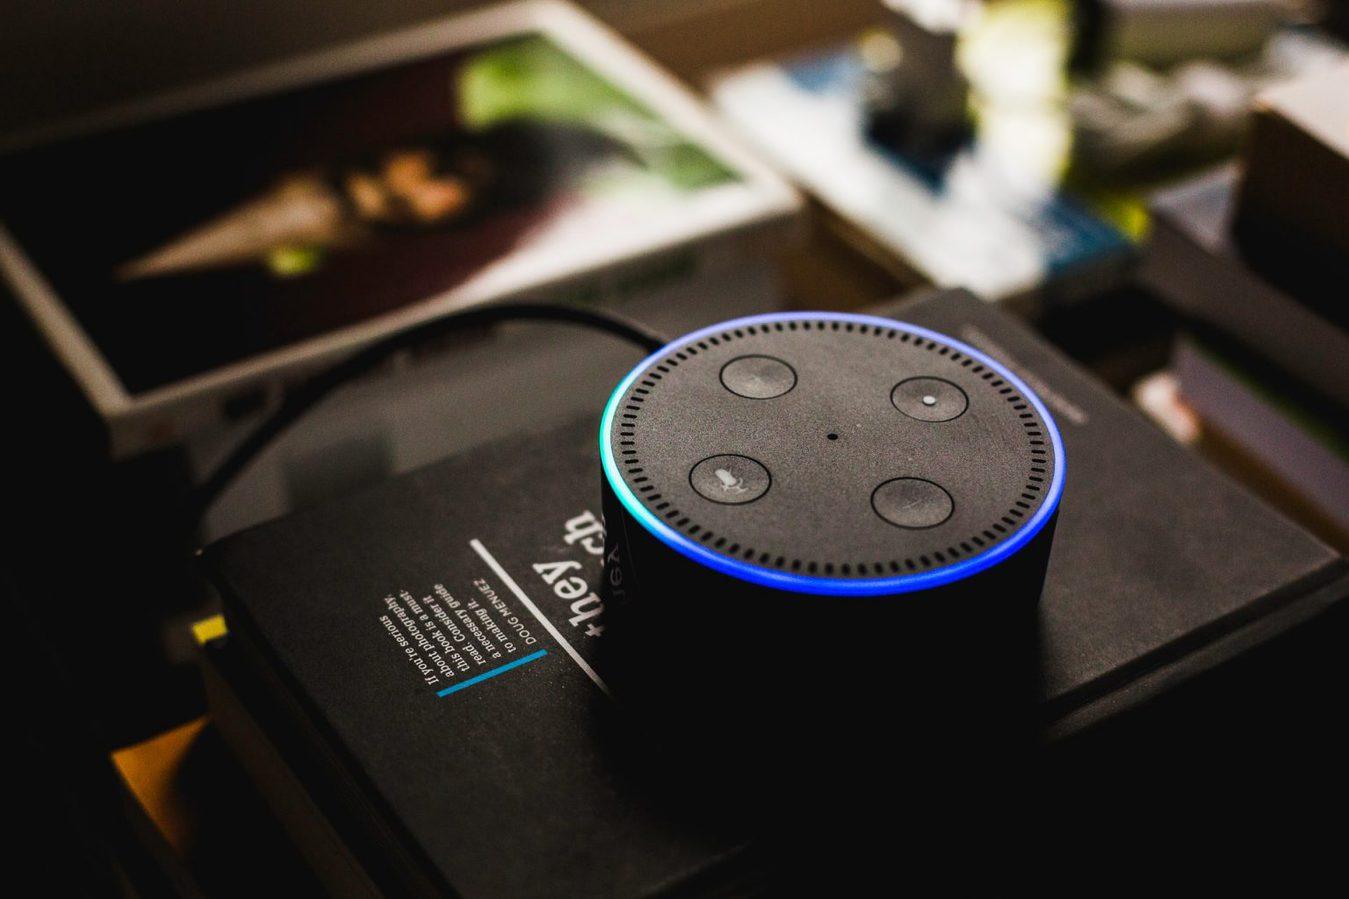 điều khiển bằng giọng nói thiết bị thông minh